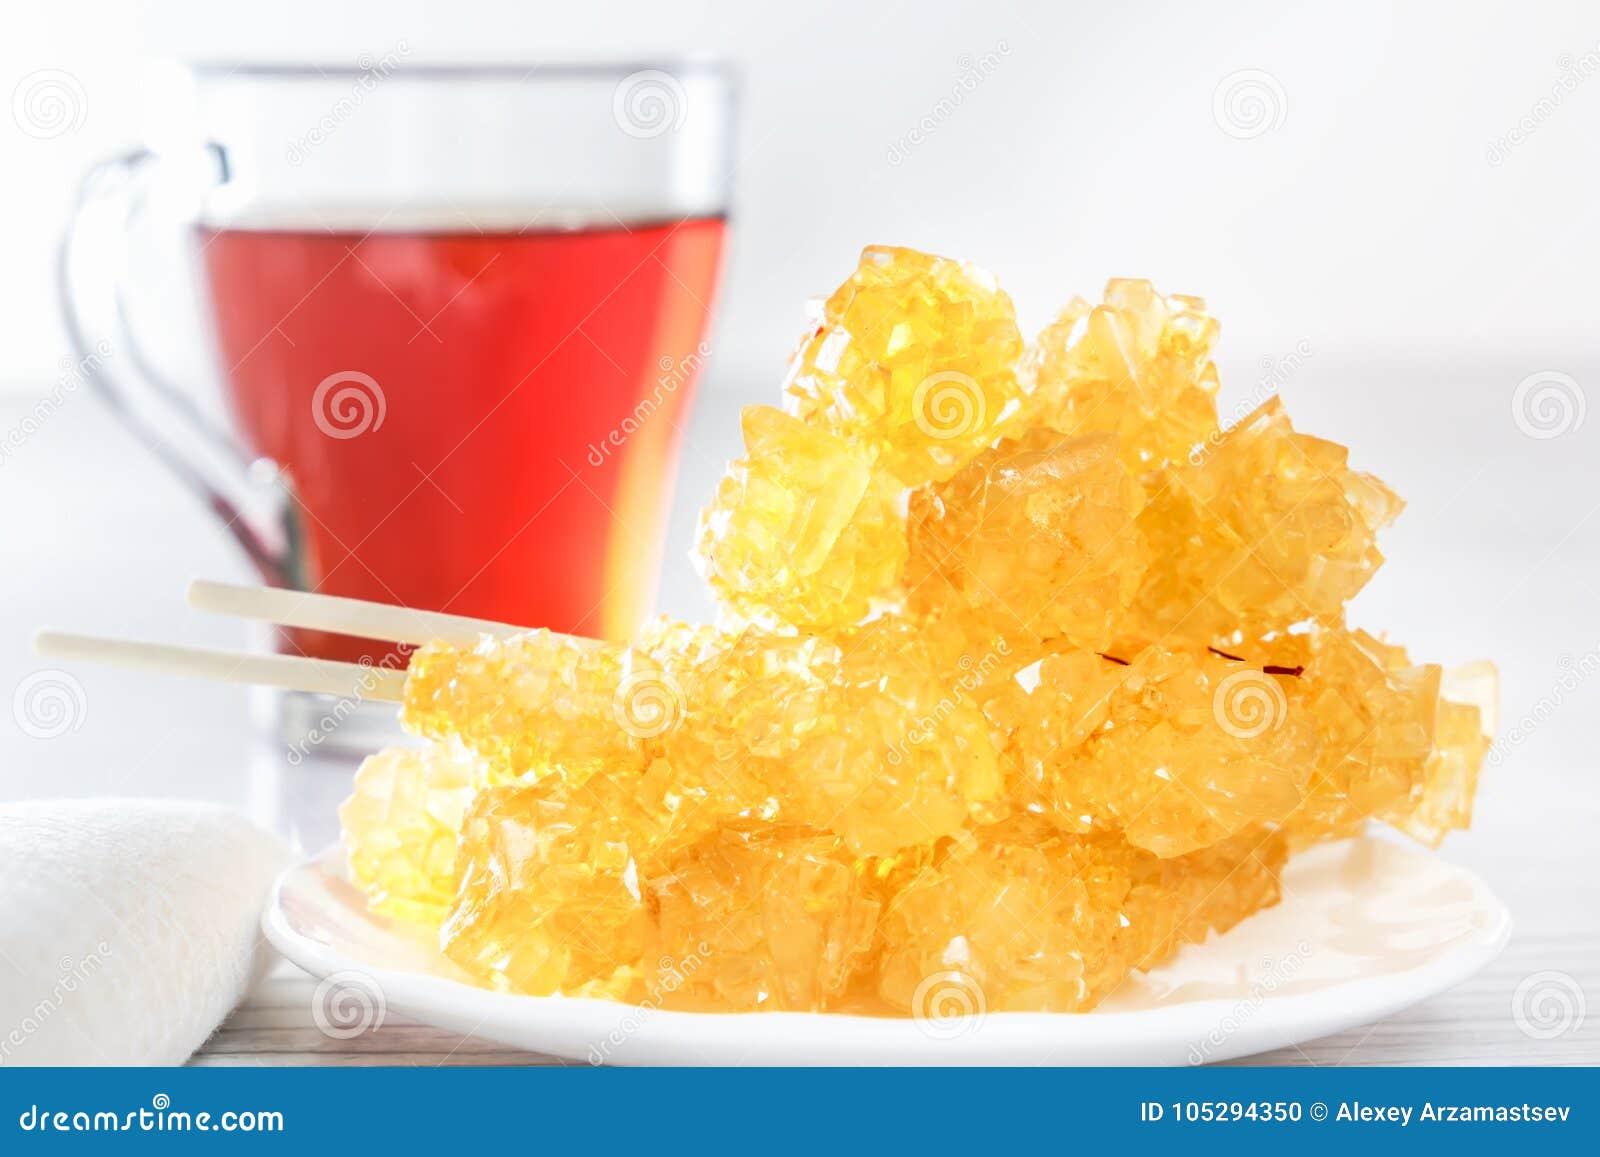 Traditionele oosterse snoepjes nabat - gekristalliseerde suiker met thee Dessert van het Middenoosten en het Aziatische